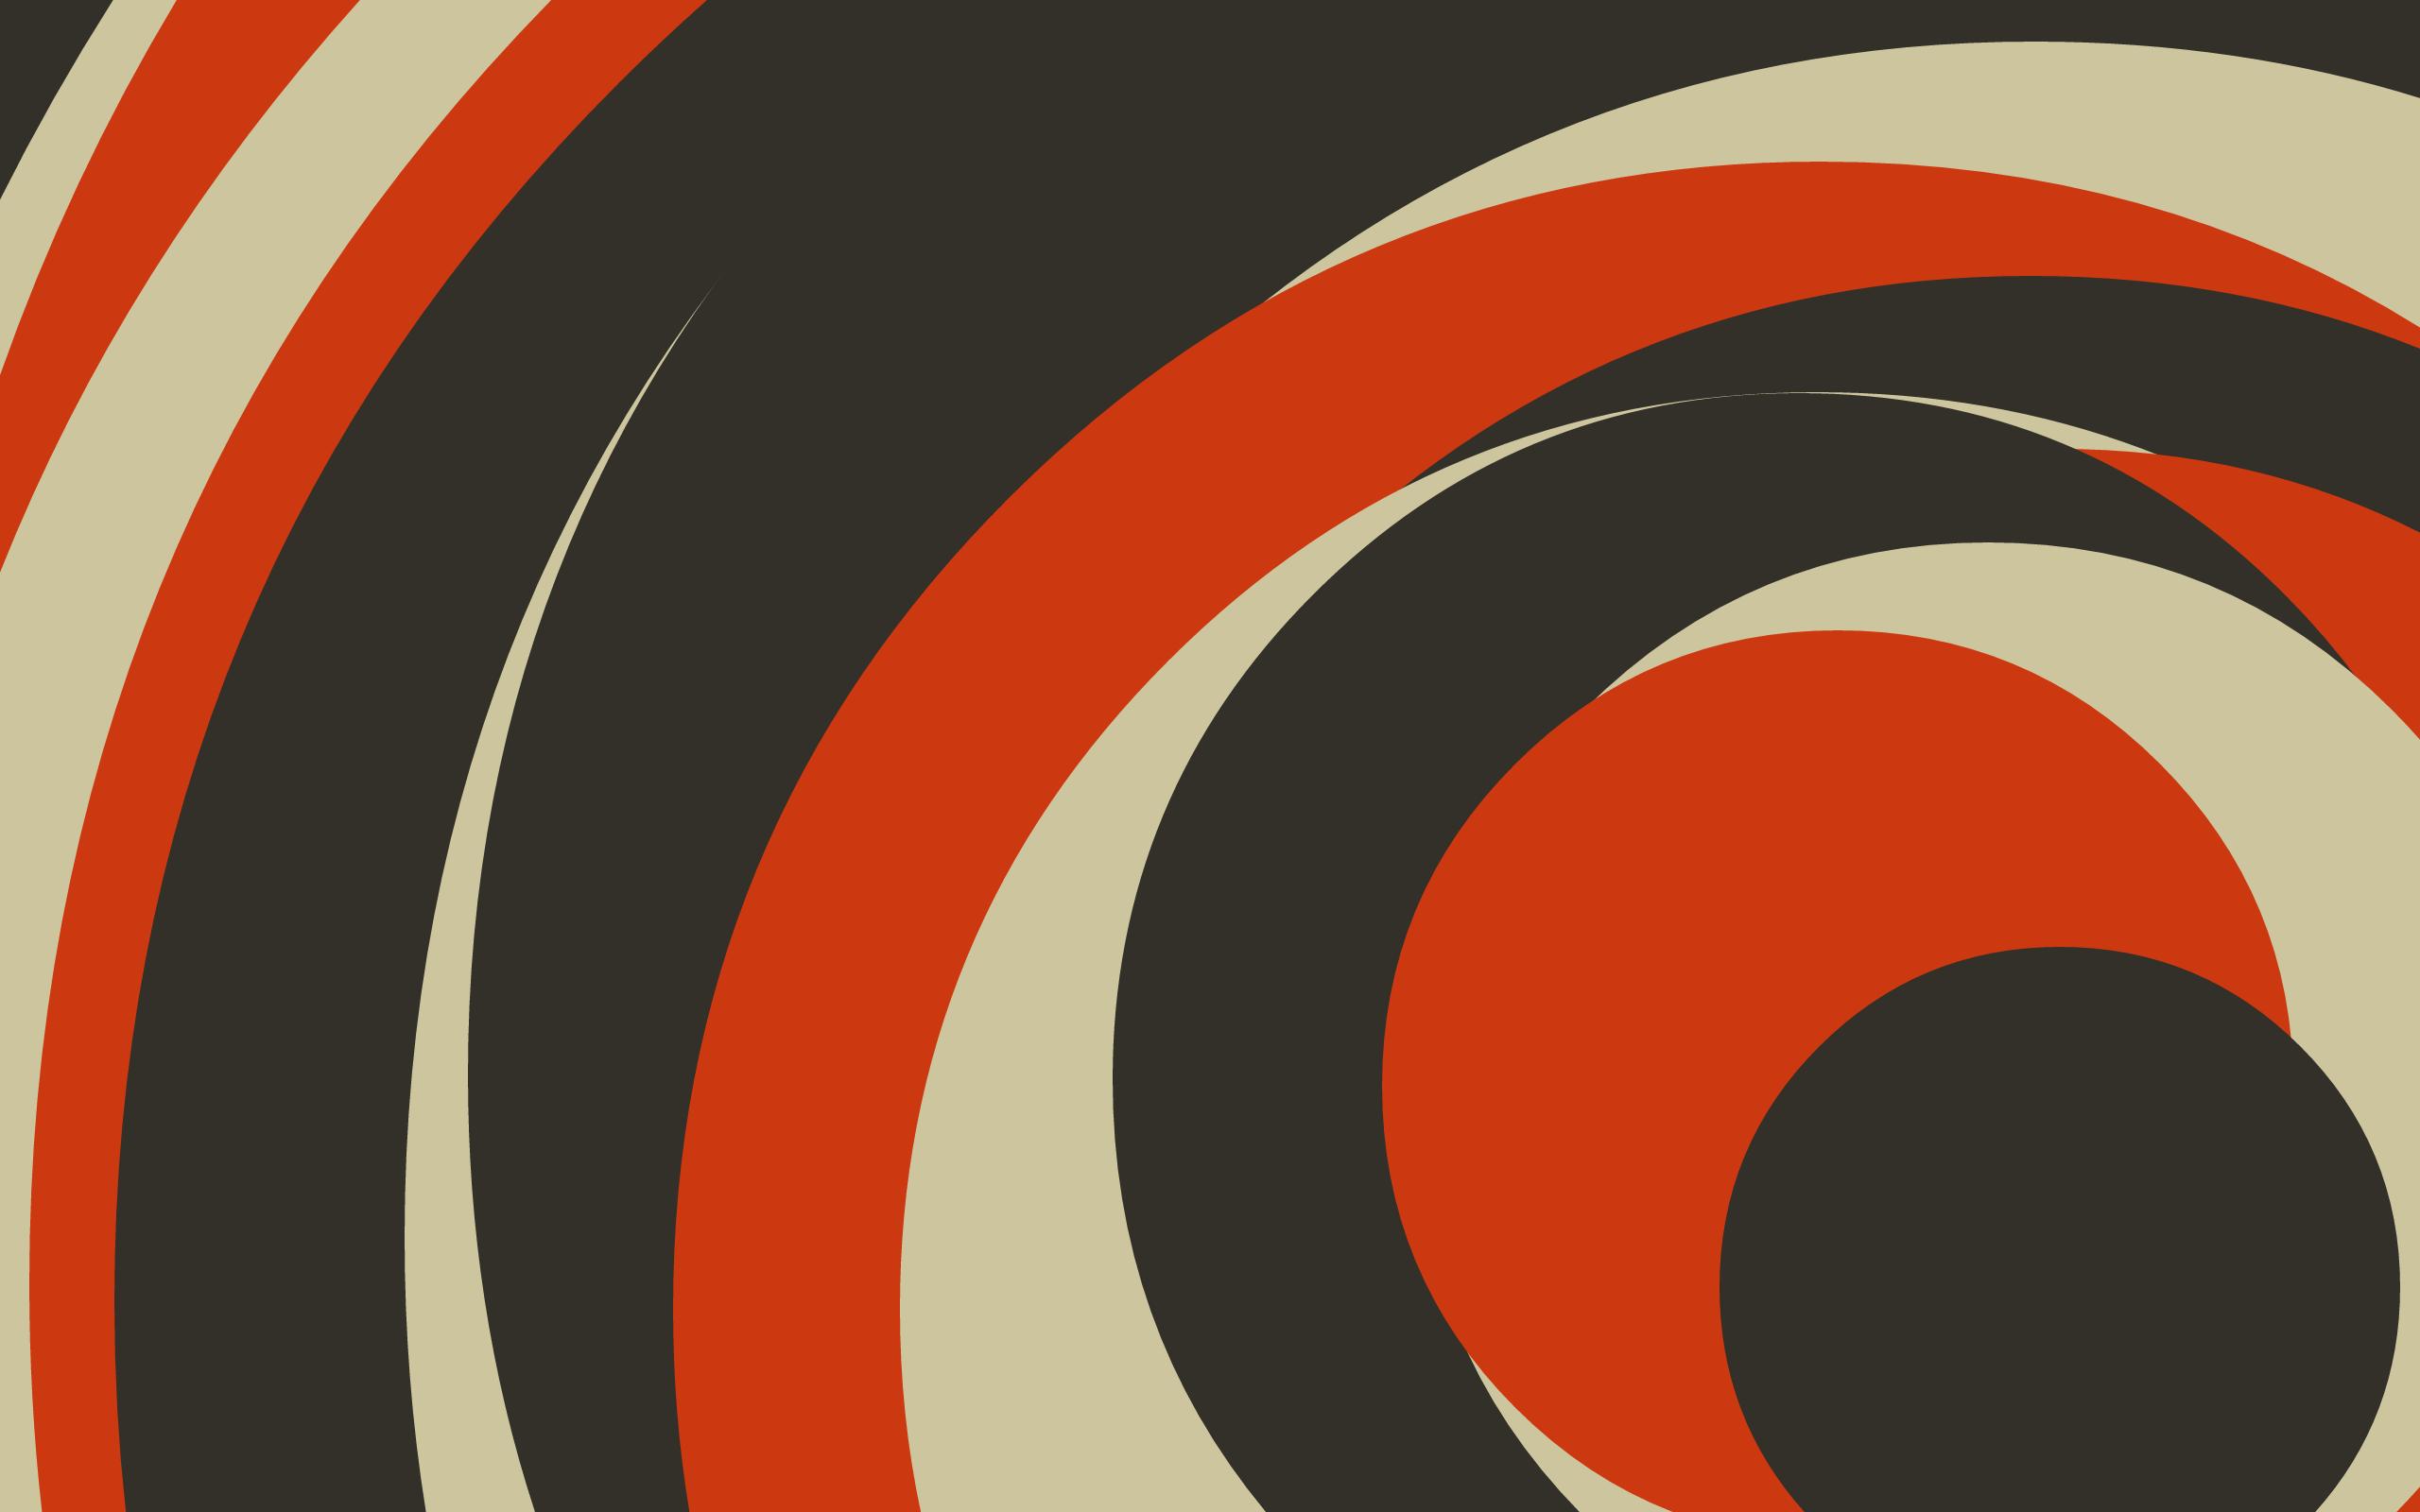 Abstract Artwork Digital Art Minimalism Simple Brown Orange Geometry Circle